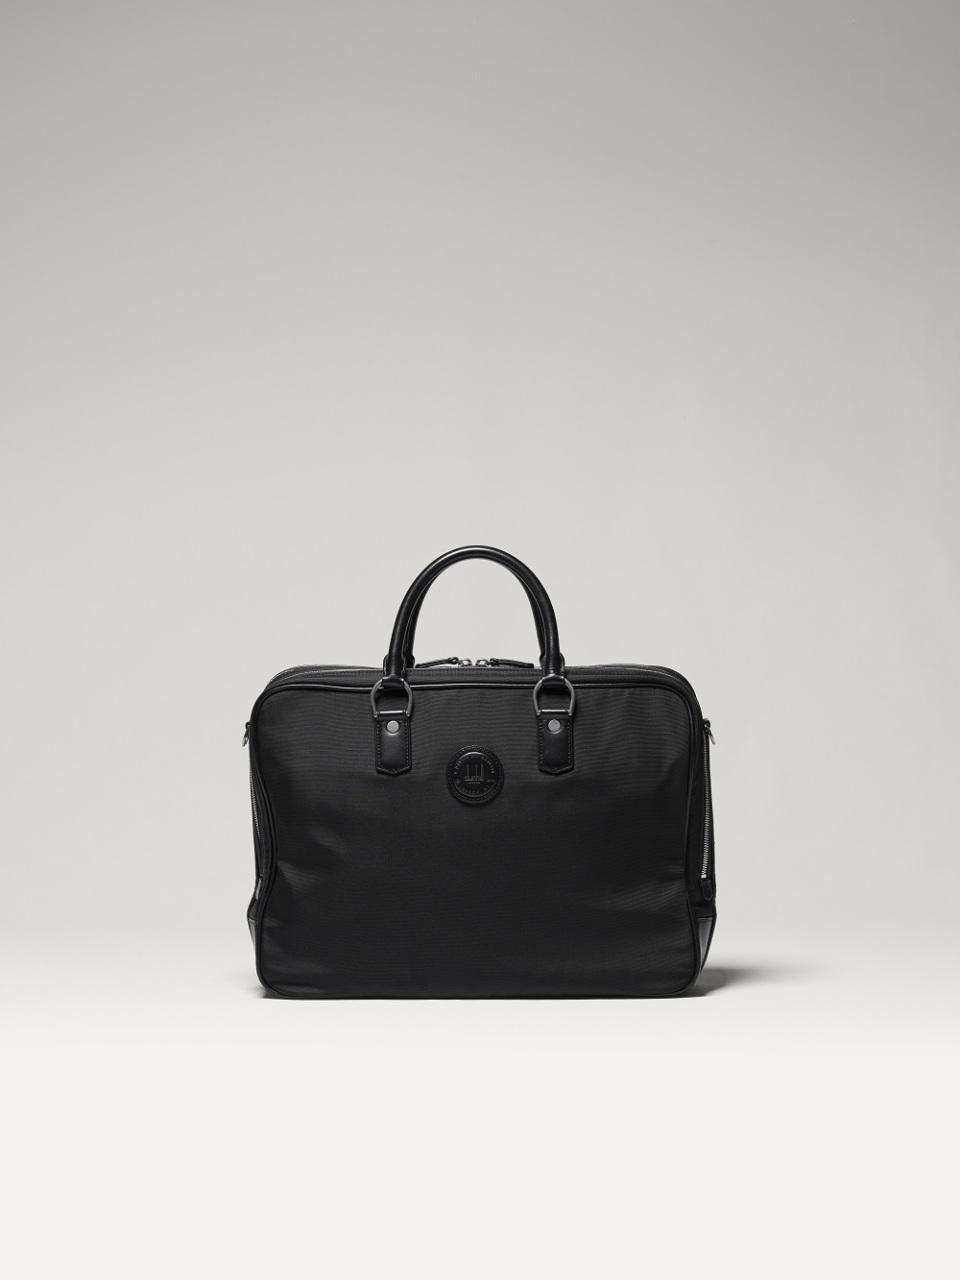 ダンヒルのビジネスバッグは、絶対の安心と信頼で男を次のステージへと導く 4番目の画像